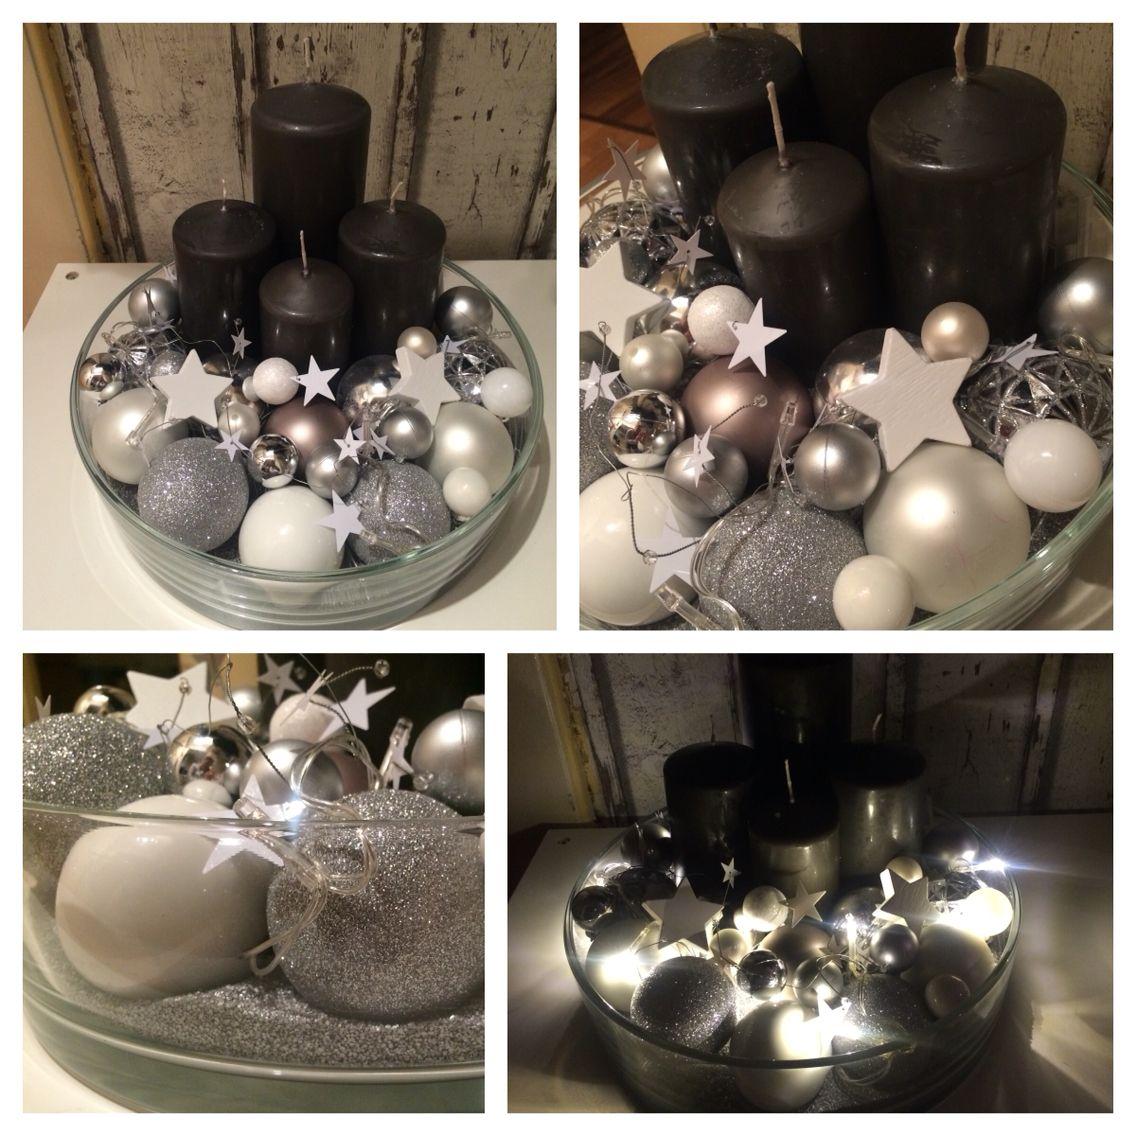 Weihnachtsdeko In Silber Und Weiß.Adventskranz Grau Weiß Silber Vence Weihnachtsbaum Ideen